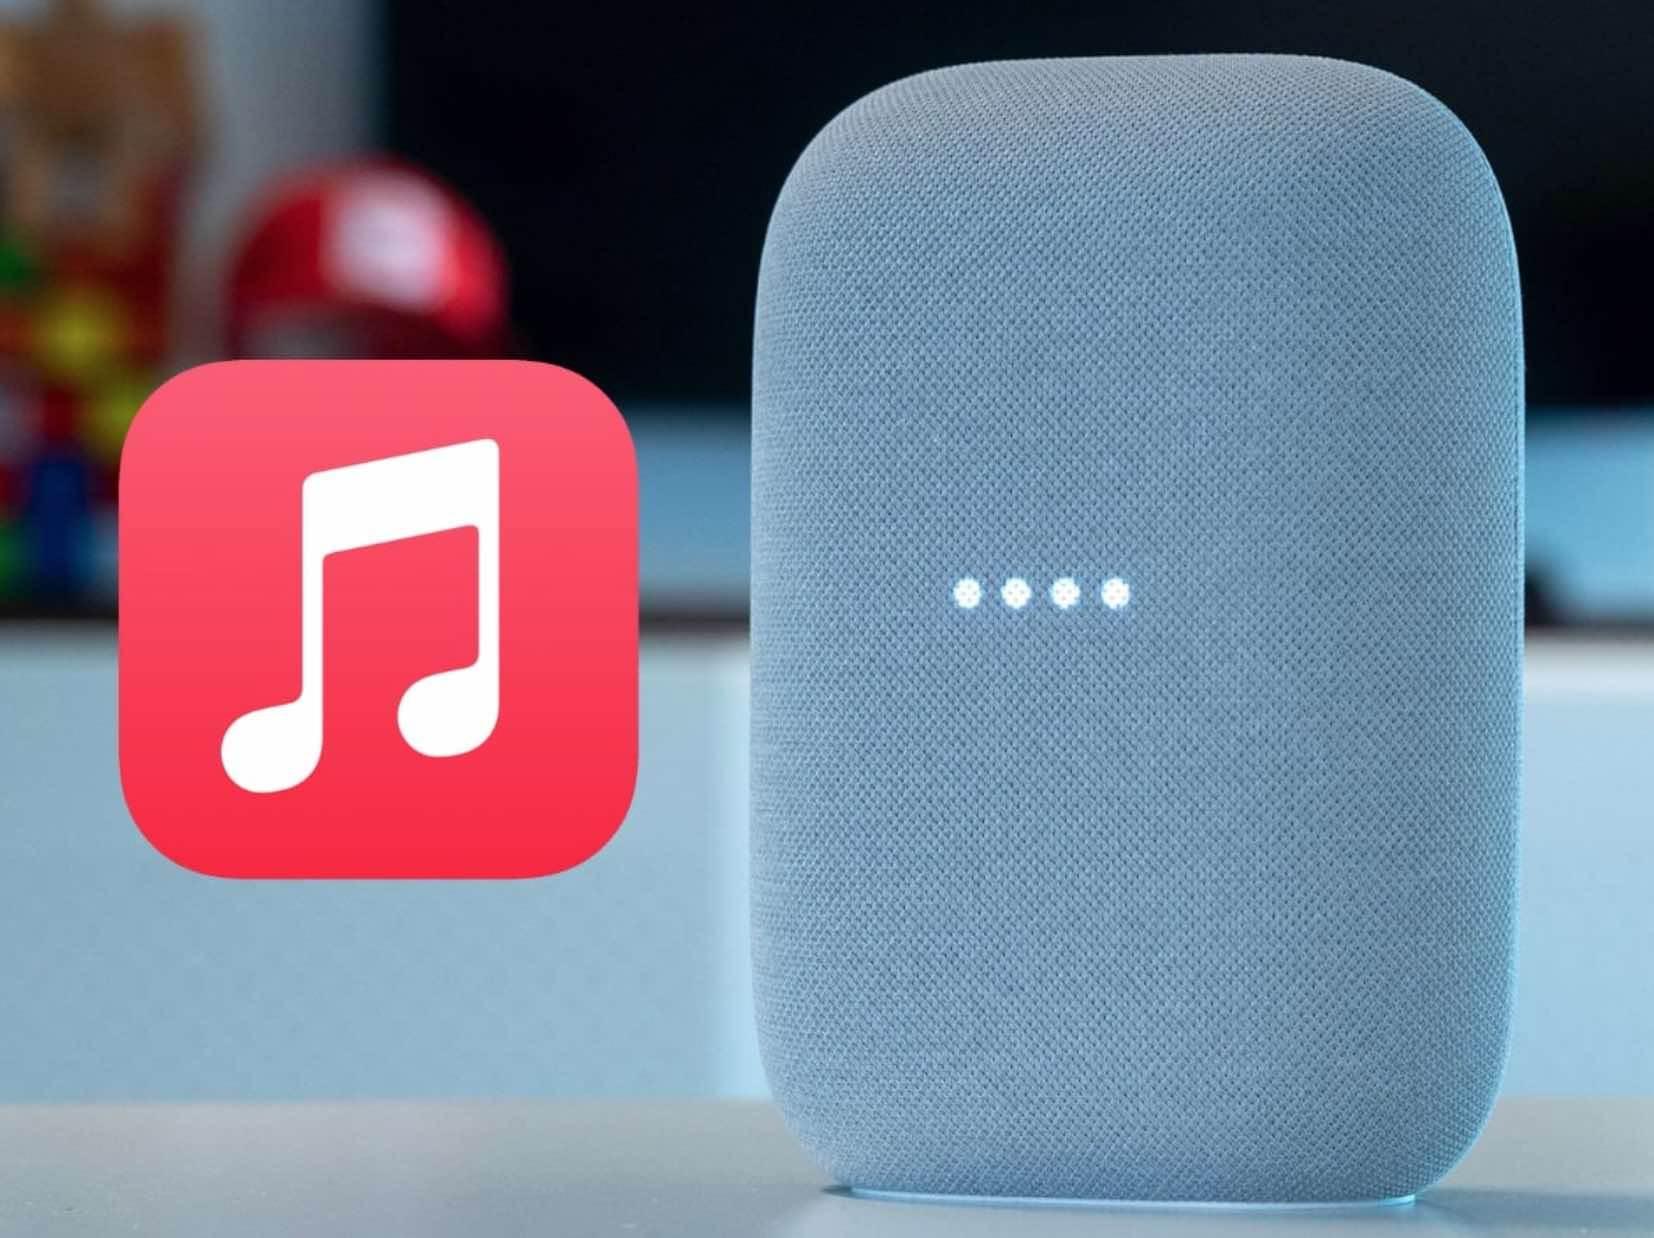 Apple Music dostępne dla użytkowników Google Nest i innych inteligentnych głośników z Asystentem Google polecane, ciekawostki Google, głośnik Google, glosnik, Apple music  Google dodało pełną obsługę usługi strumieniowania Apple Music do Google Nest, Nest Audio, Nest Hub Max, Nest Mini oraz innych inteligentnych głośników z Asystentem Google. AppleMusic